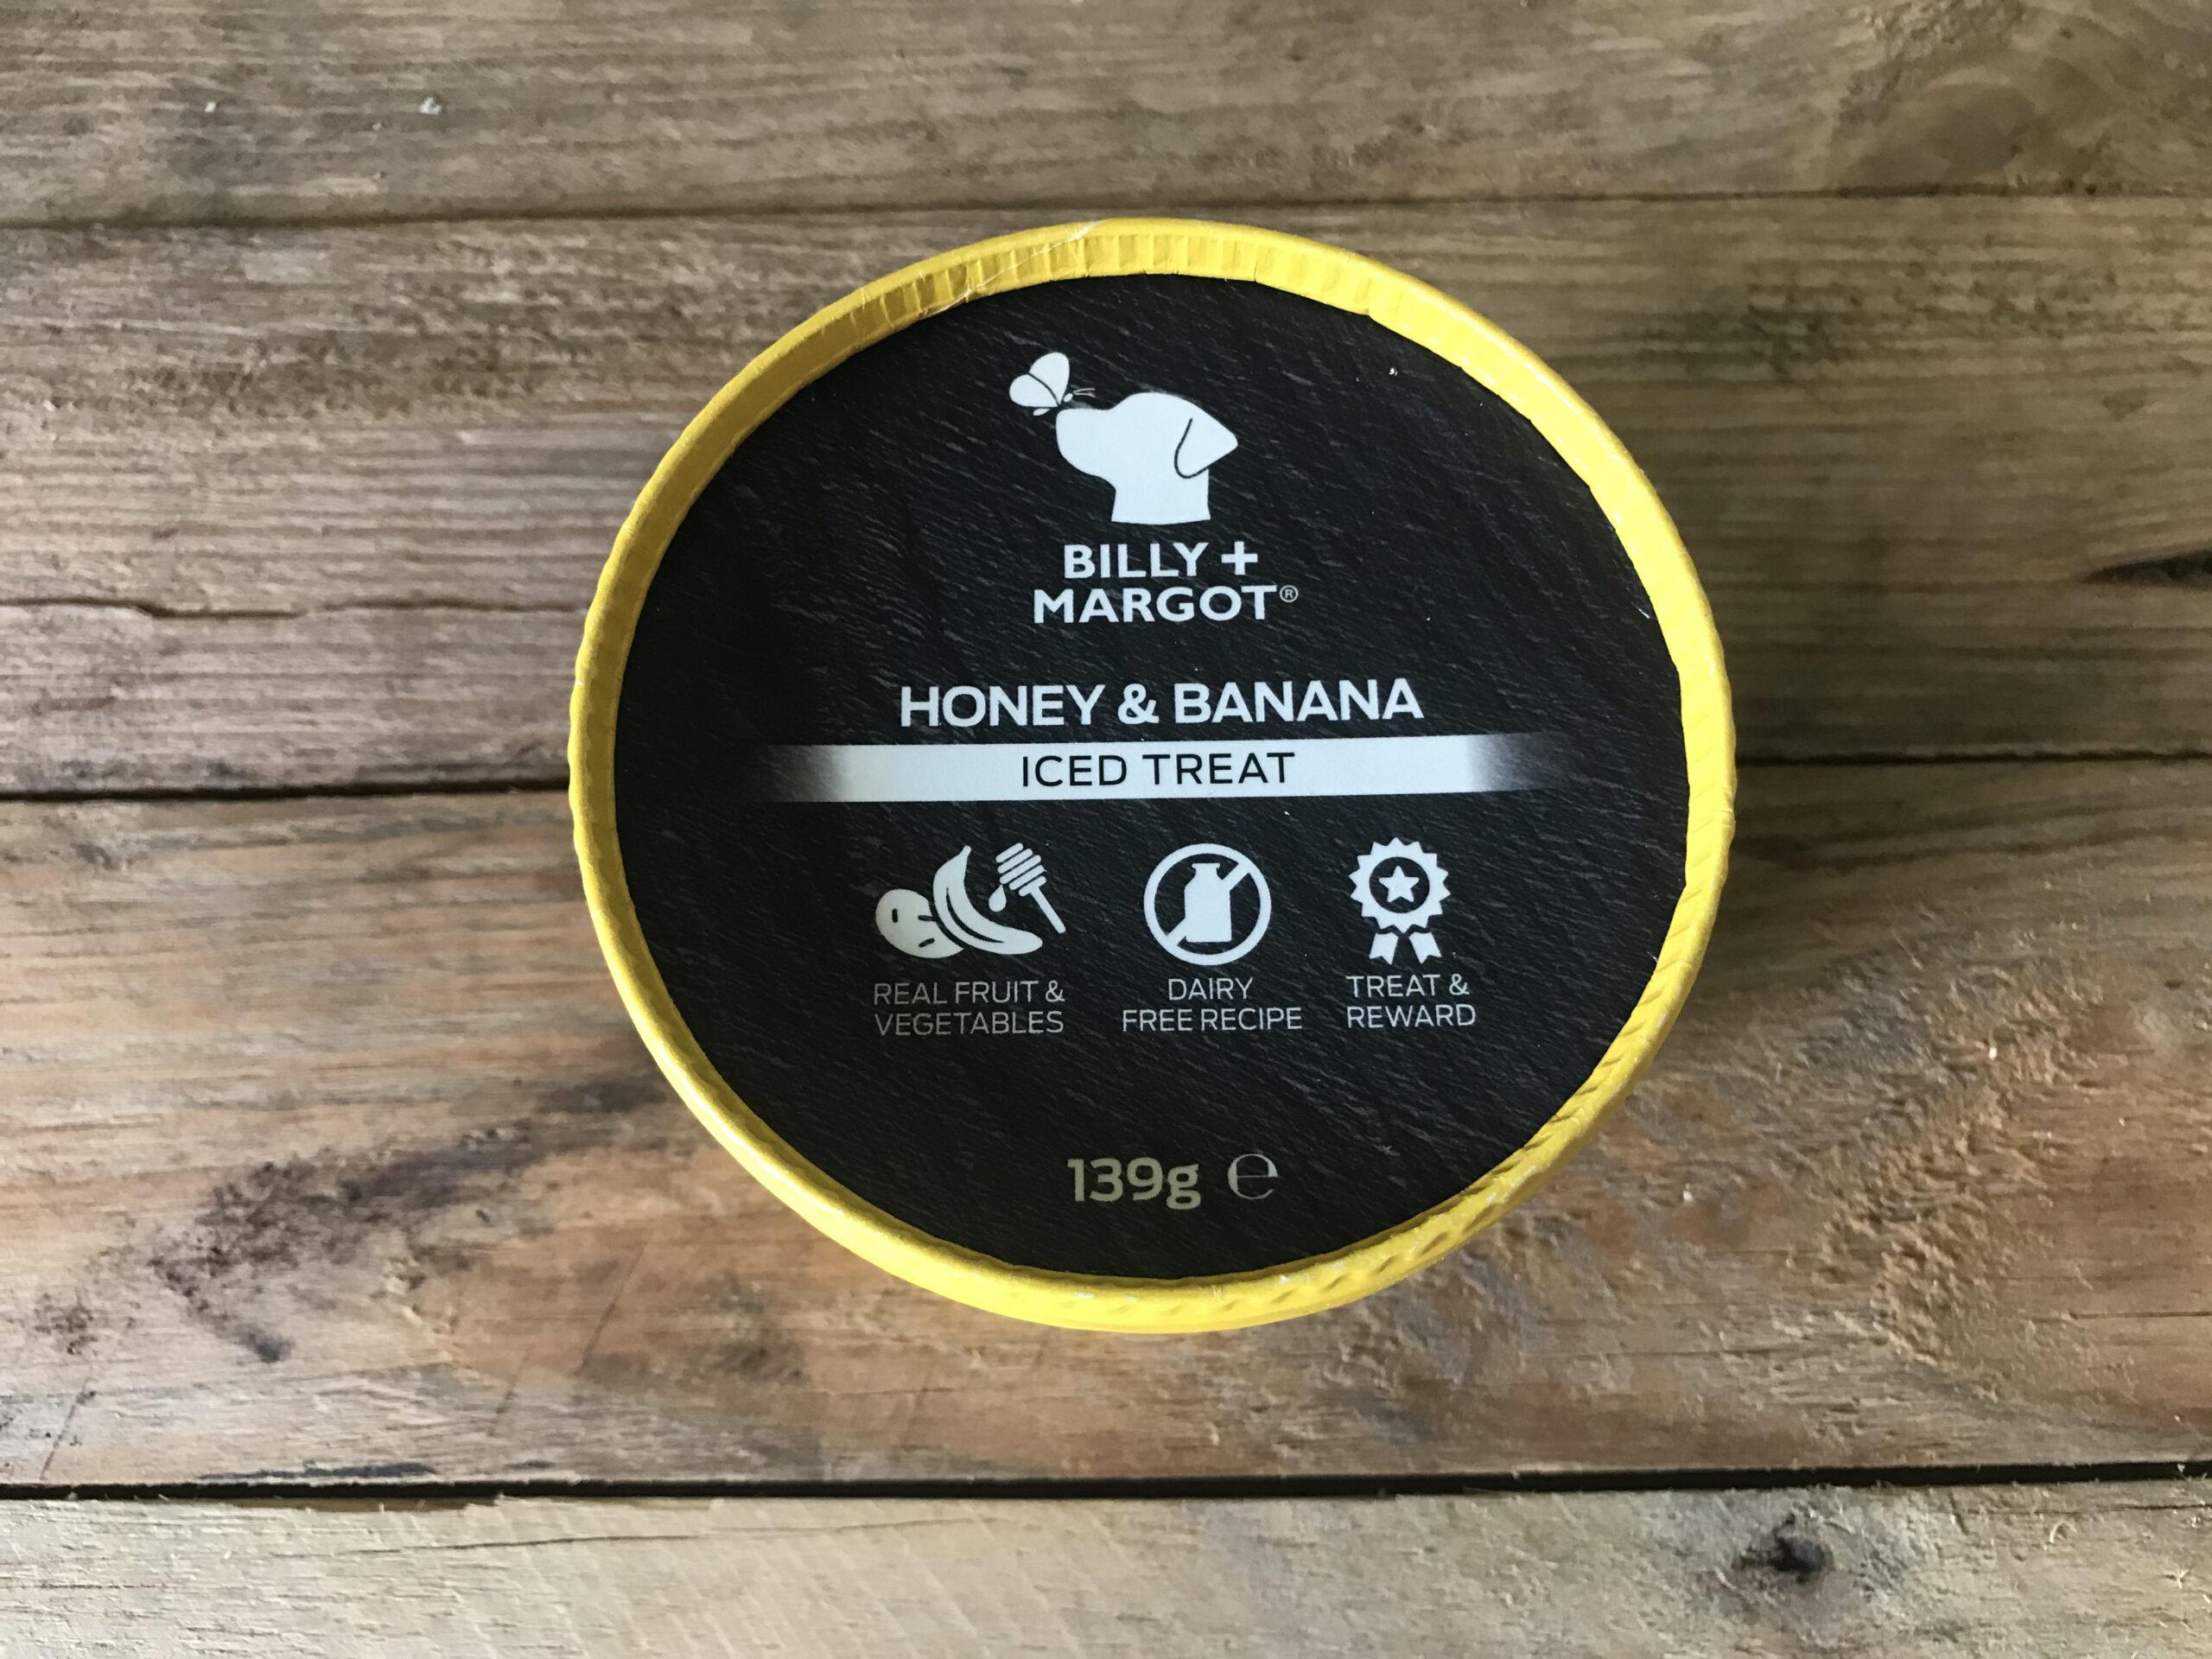 Billy + Margot Banana & Honey Iced Treat – 139g